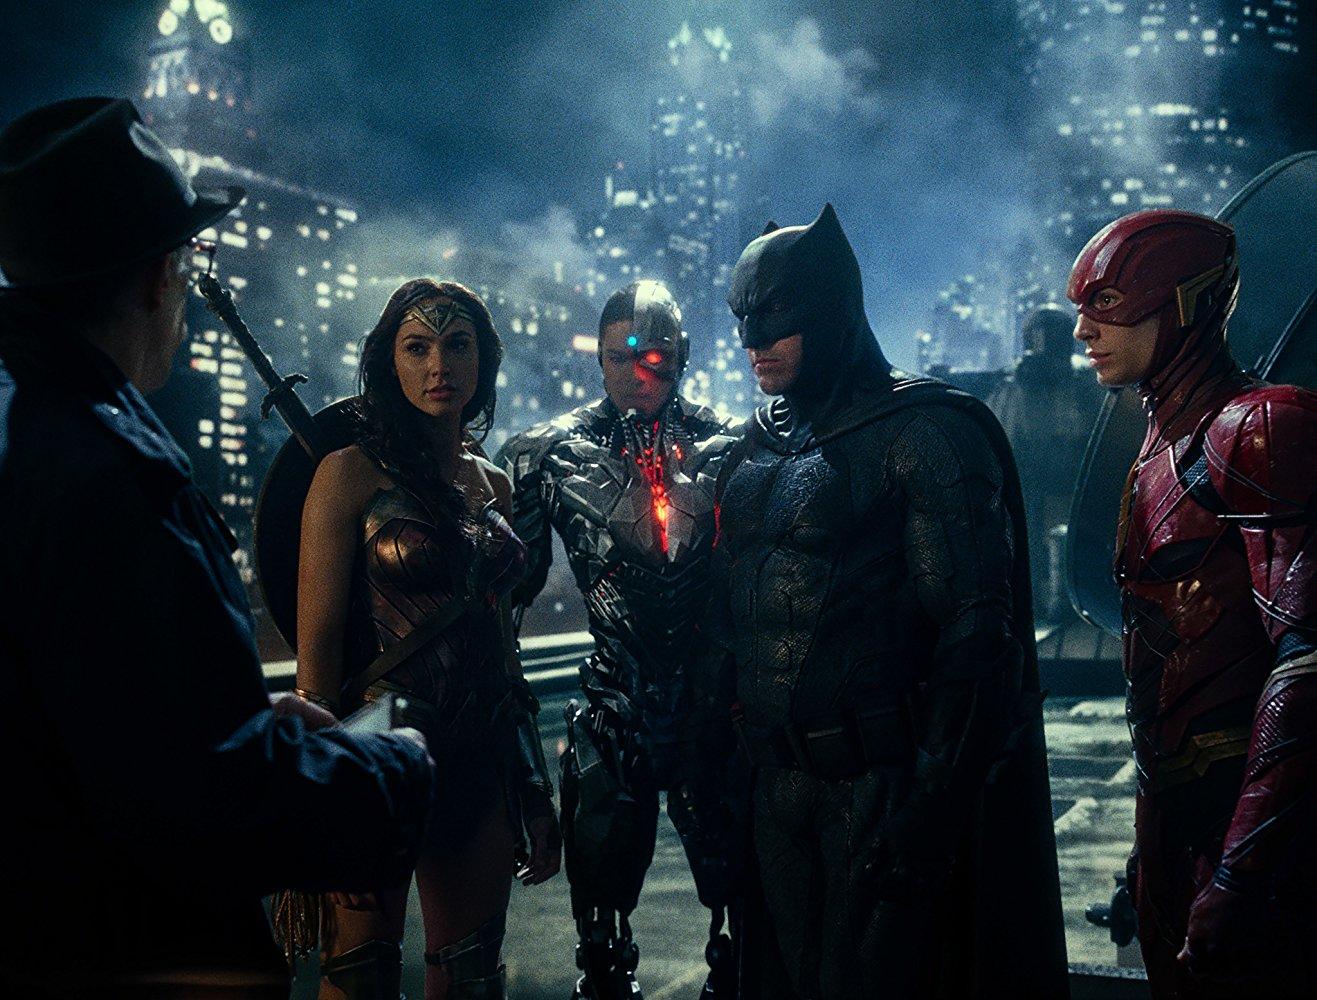 Les joueurs du PSG rejoignent la Justice League